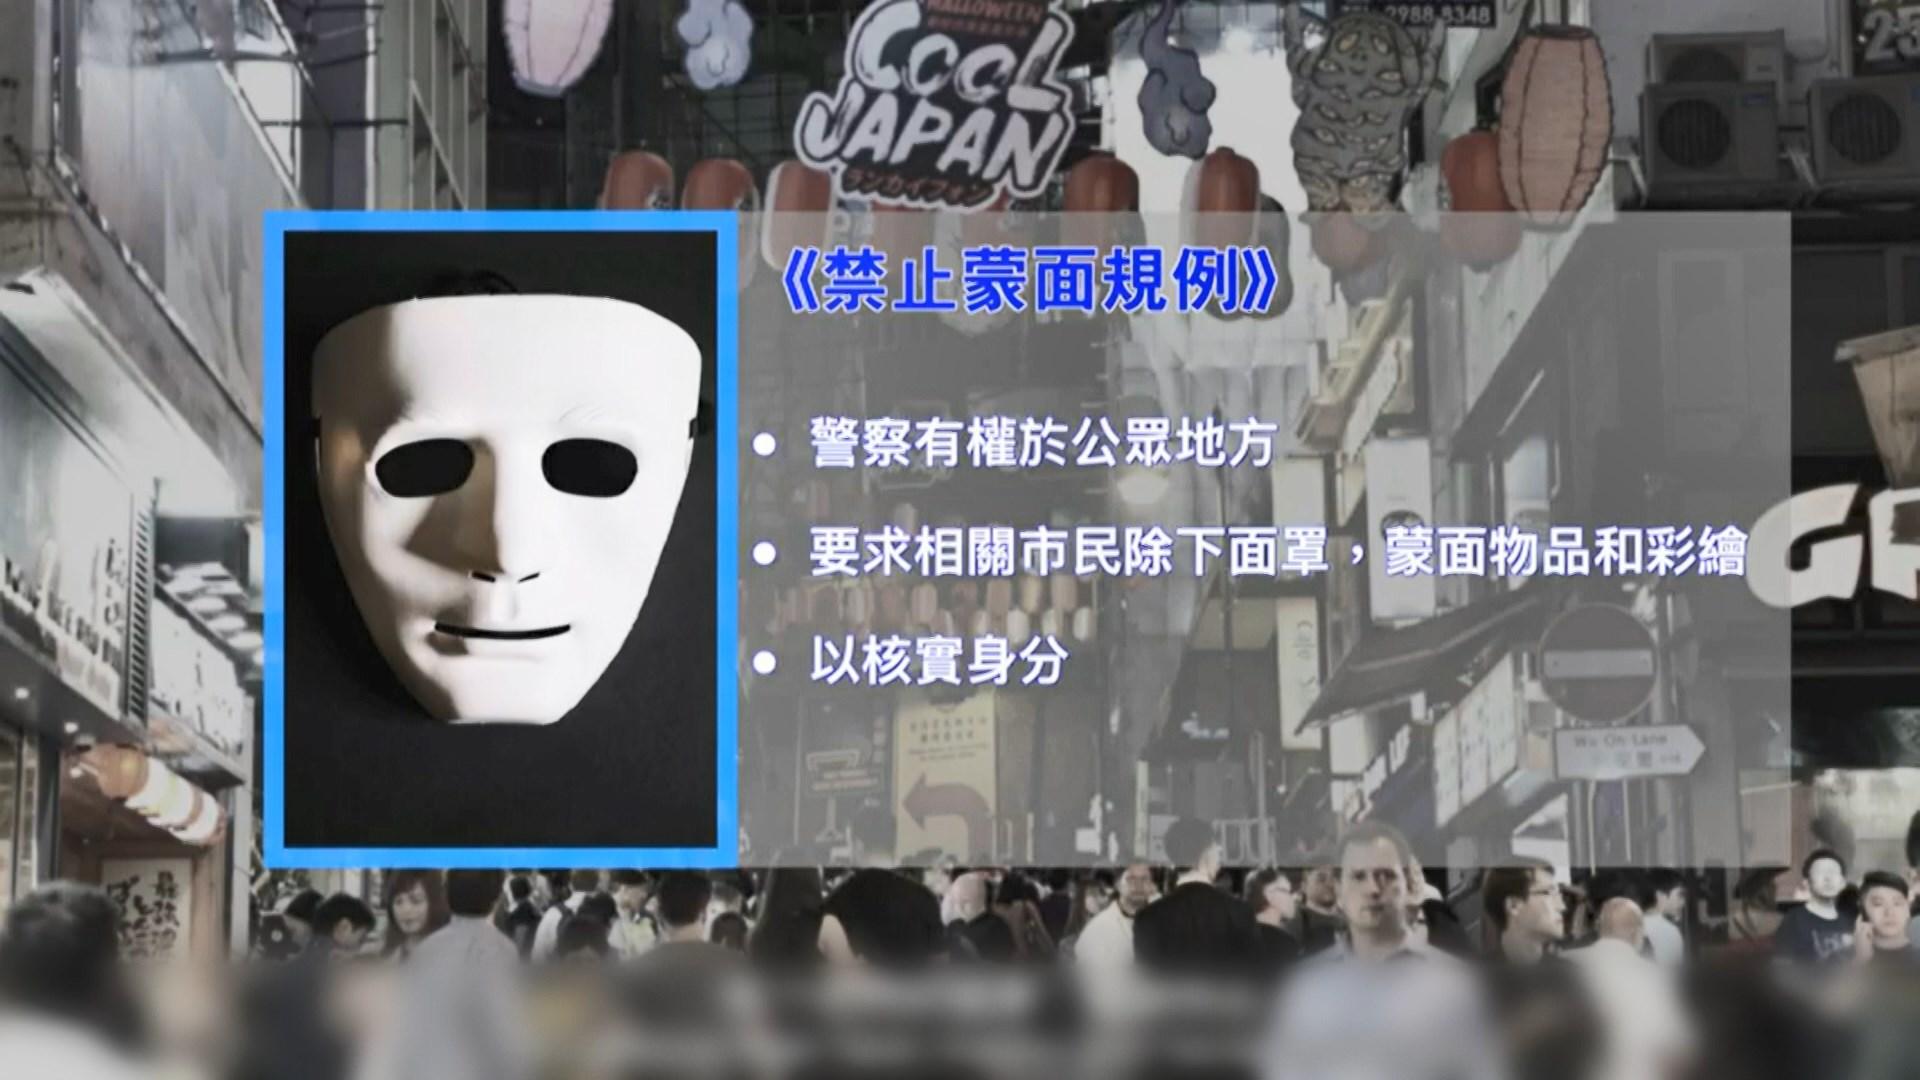 警方:公眾地方警員有權要求除面罩或抹去彩繪